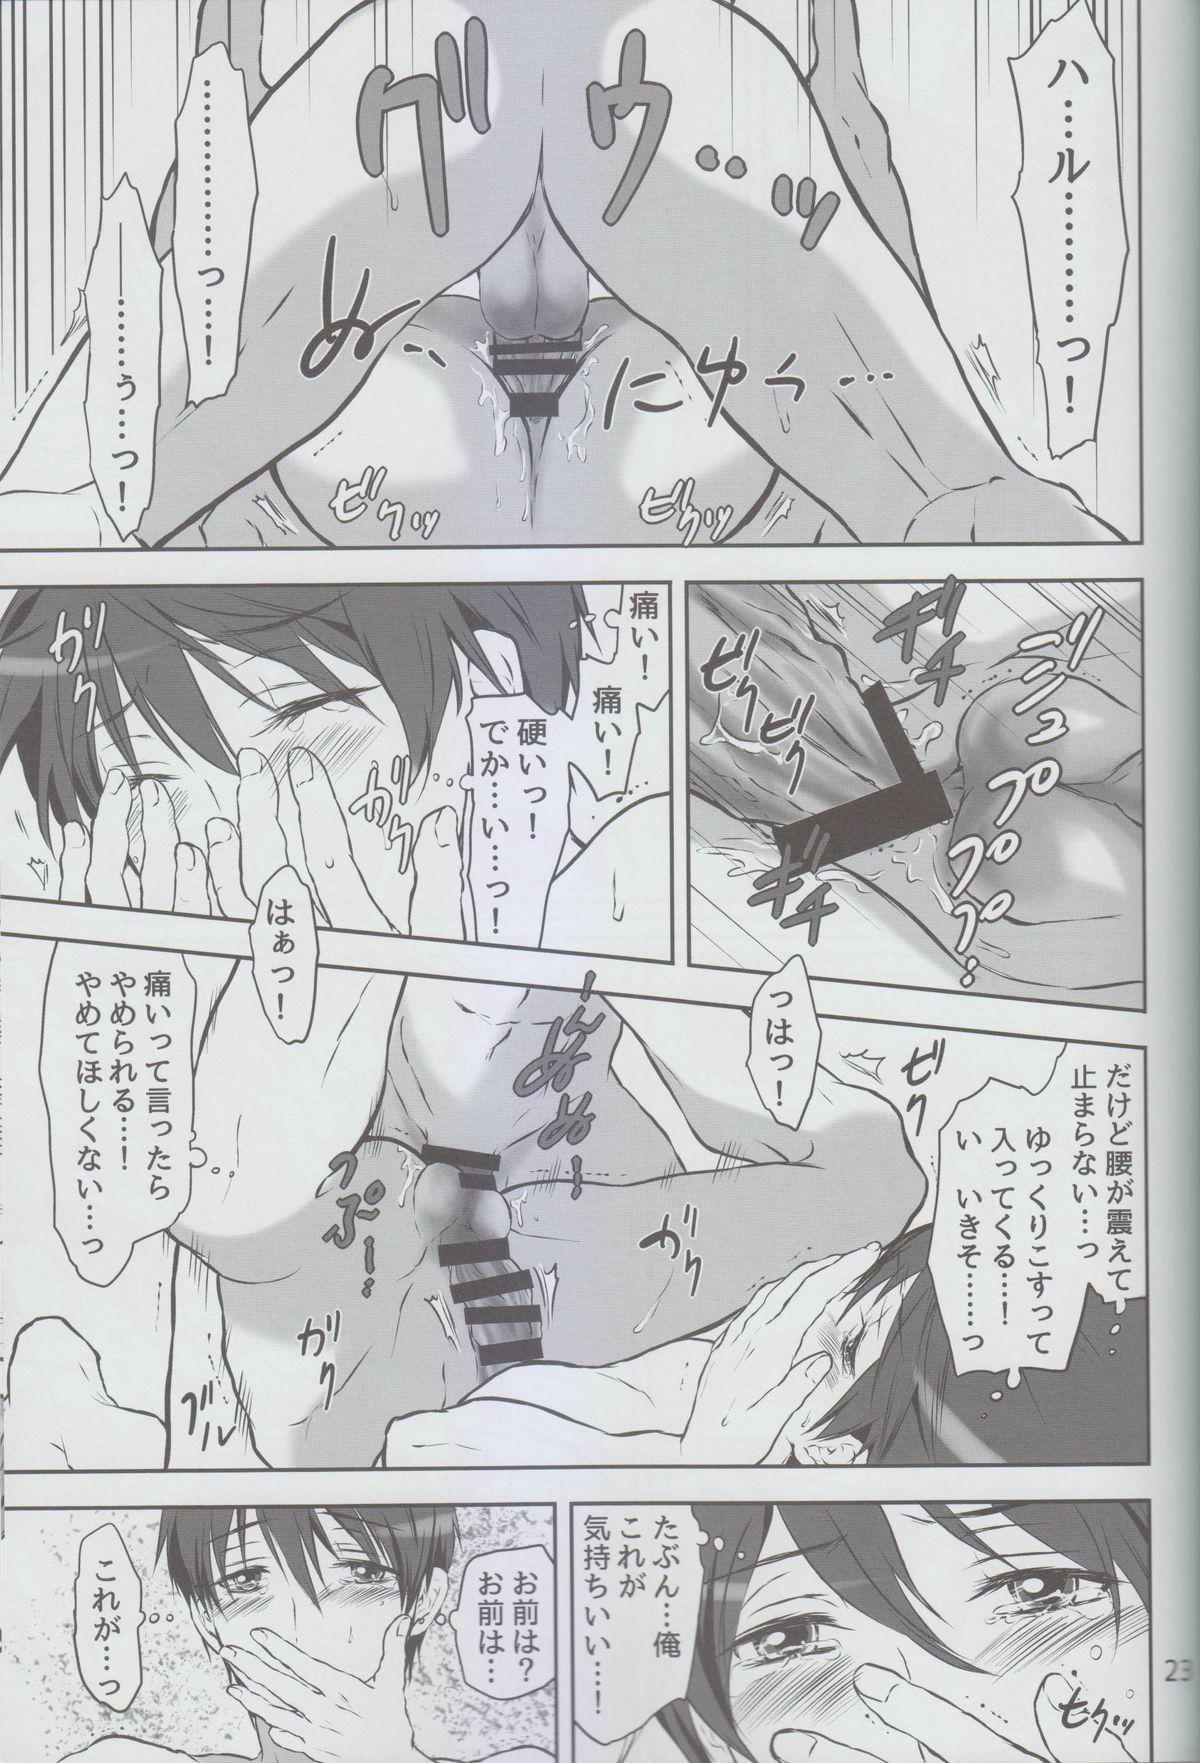 Okubyou na Boku no Kingyo wa Natsu ni Nemuri, Kimi wa Kesshite Nakanai. 21